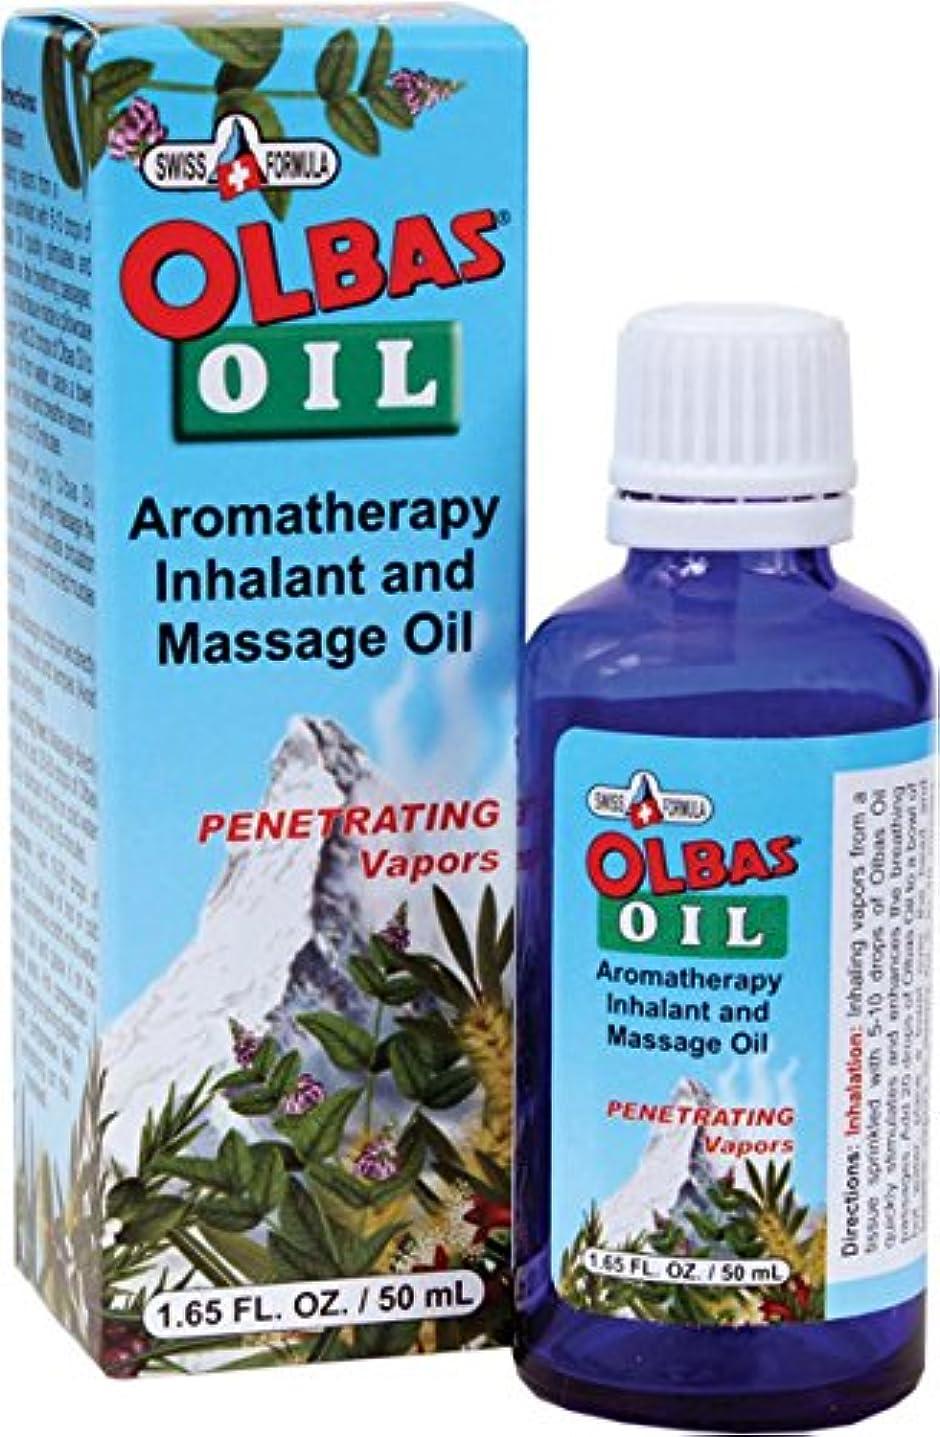 免除是正するロードハウスOlbas Therapeutic, Olbas Oil, Aromatherapy Inhalant and Massage Oil, 1.65 fl oz (50 ml)